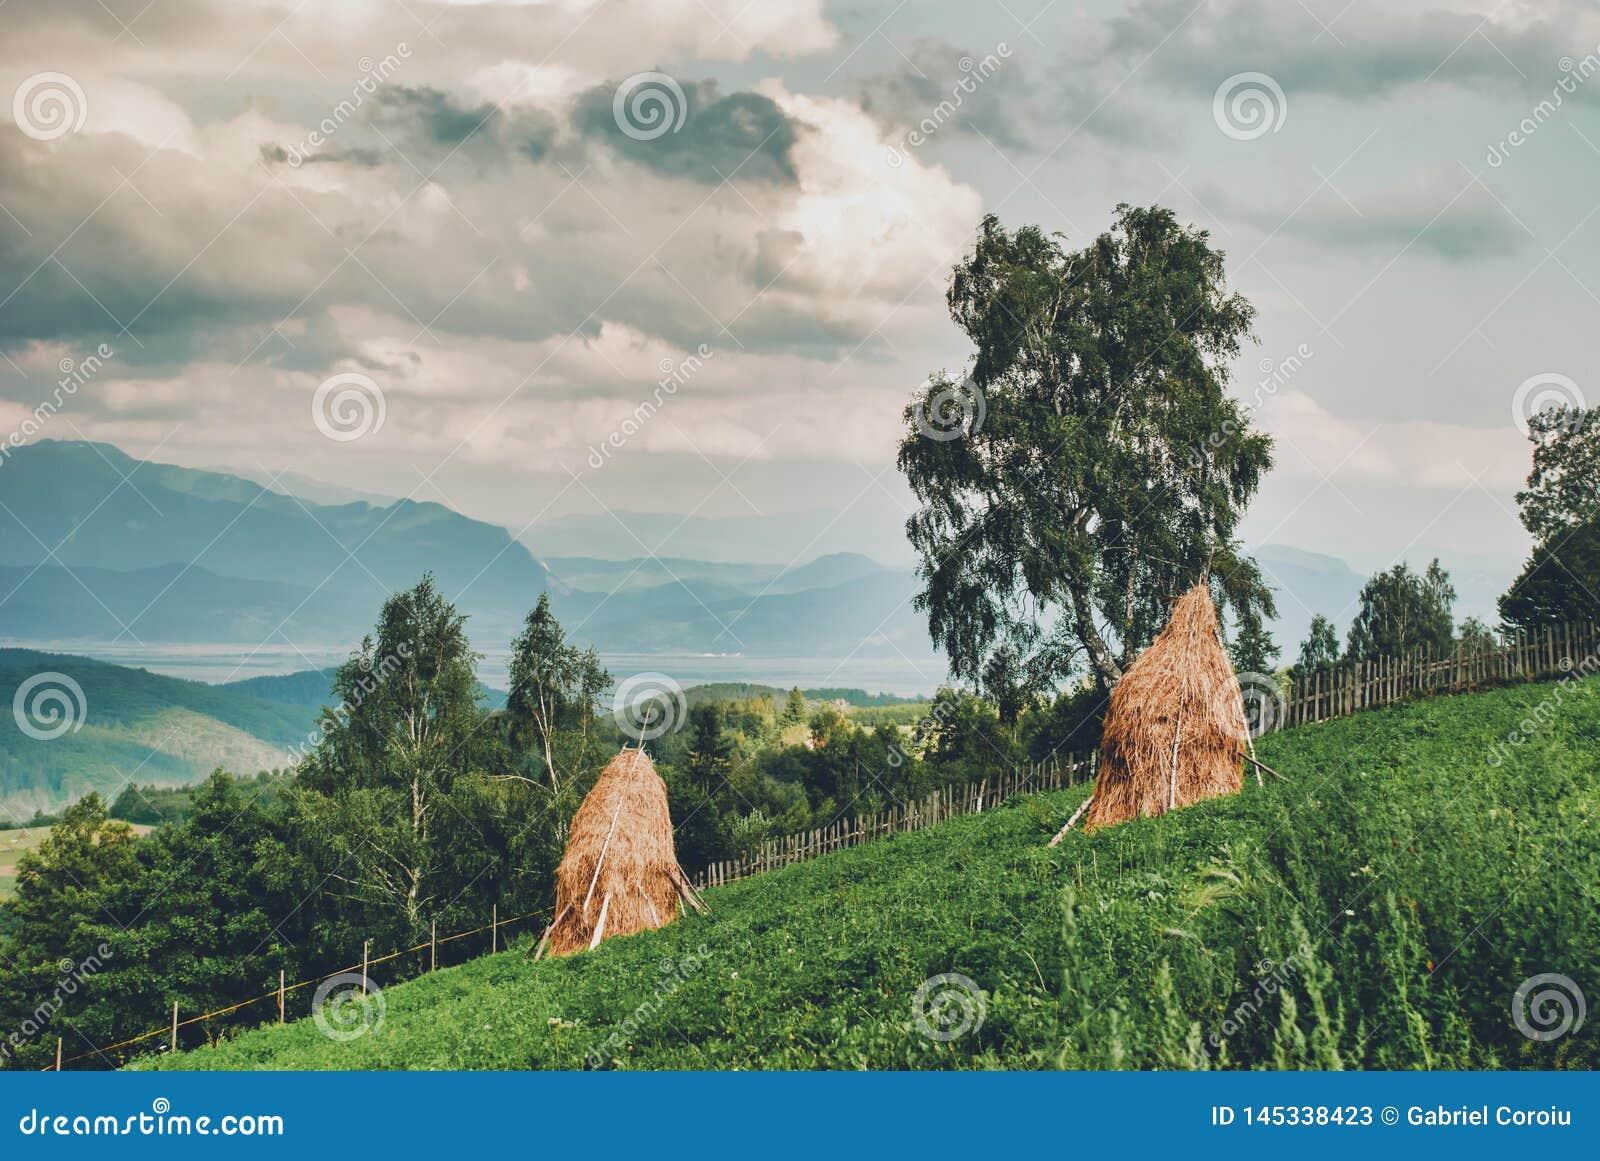 Сельский ландшафт с холмами стога сена